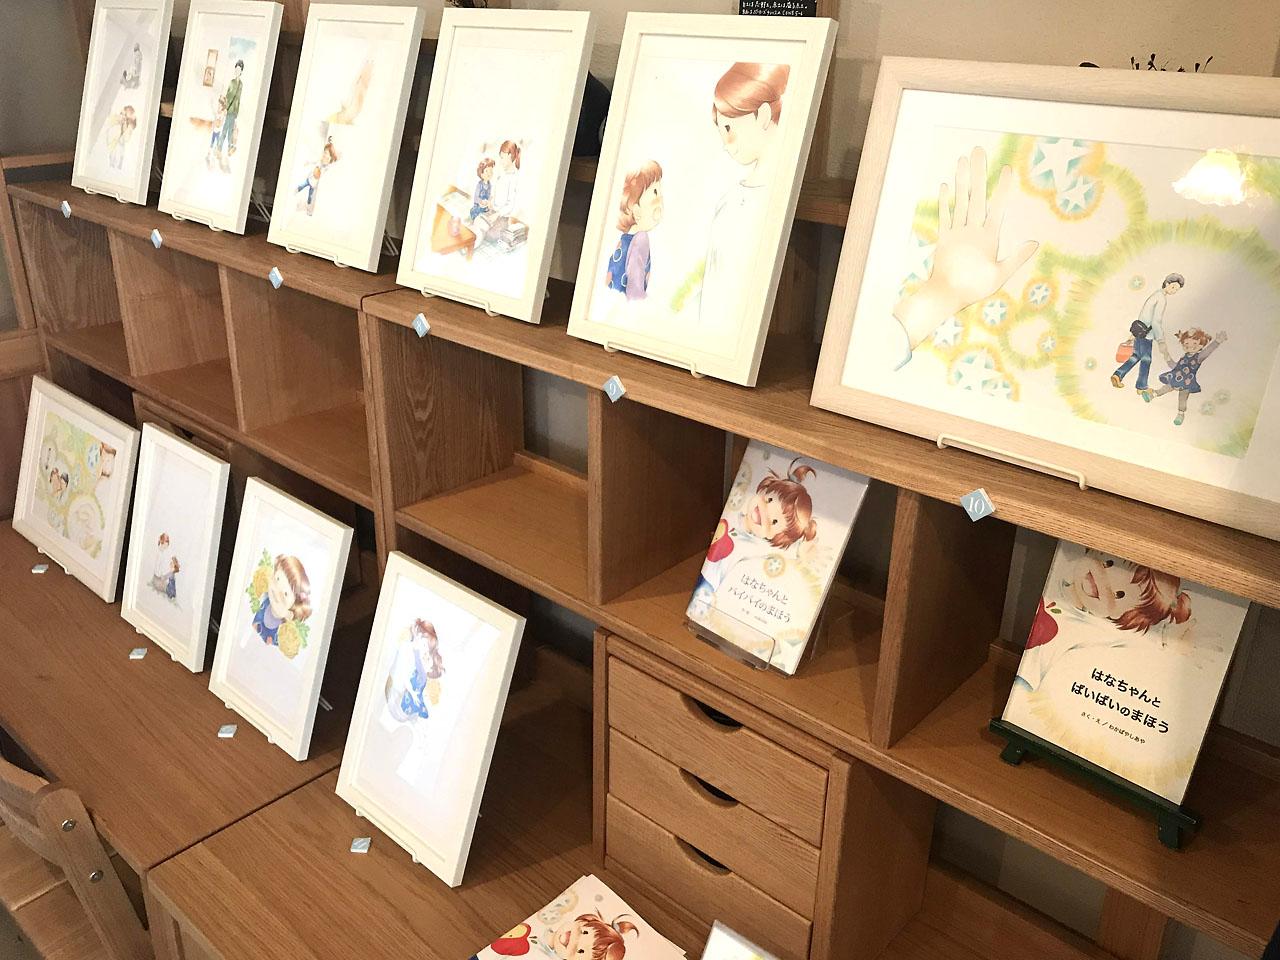 wakaba絵本原画展:1日目2日目の展示